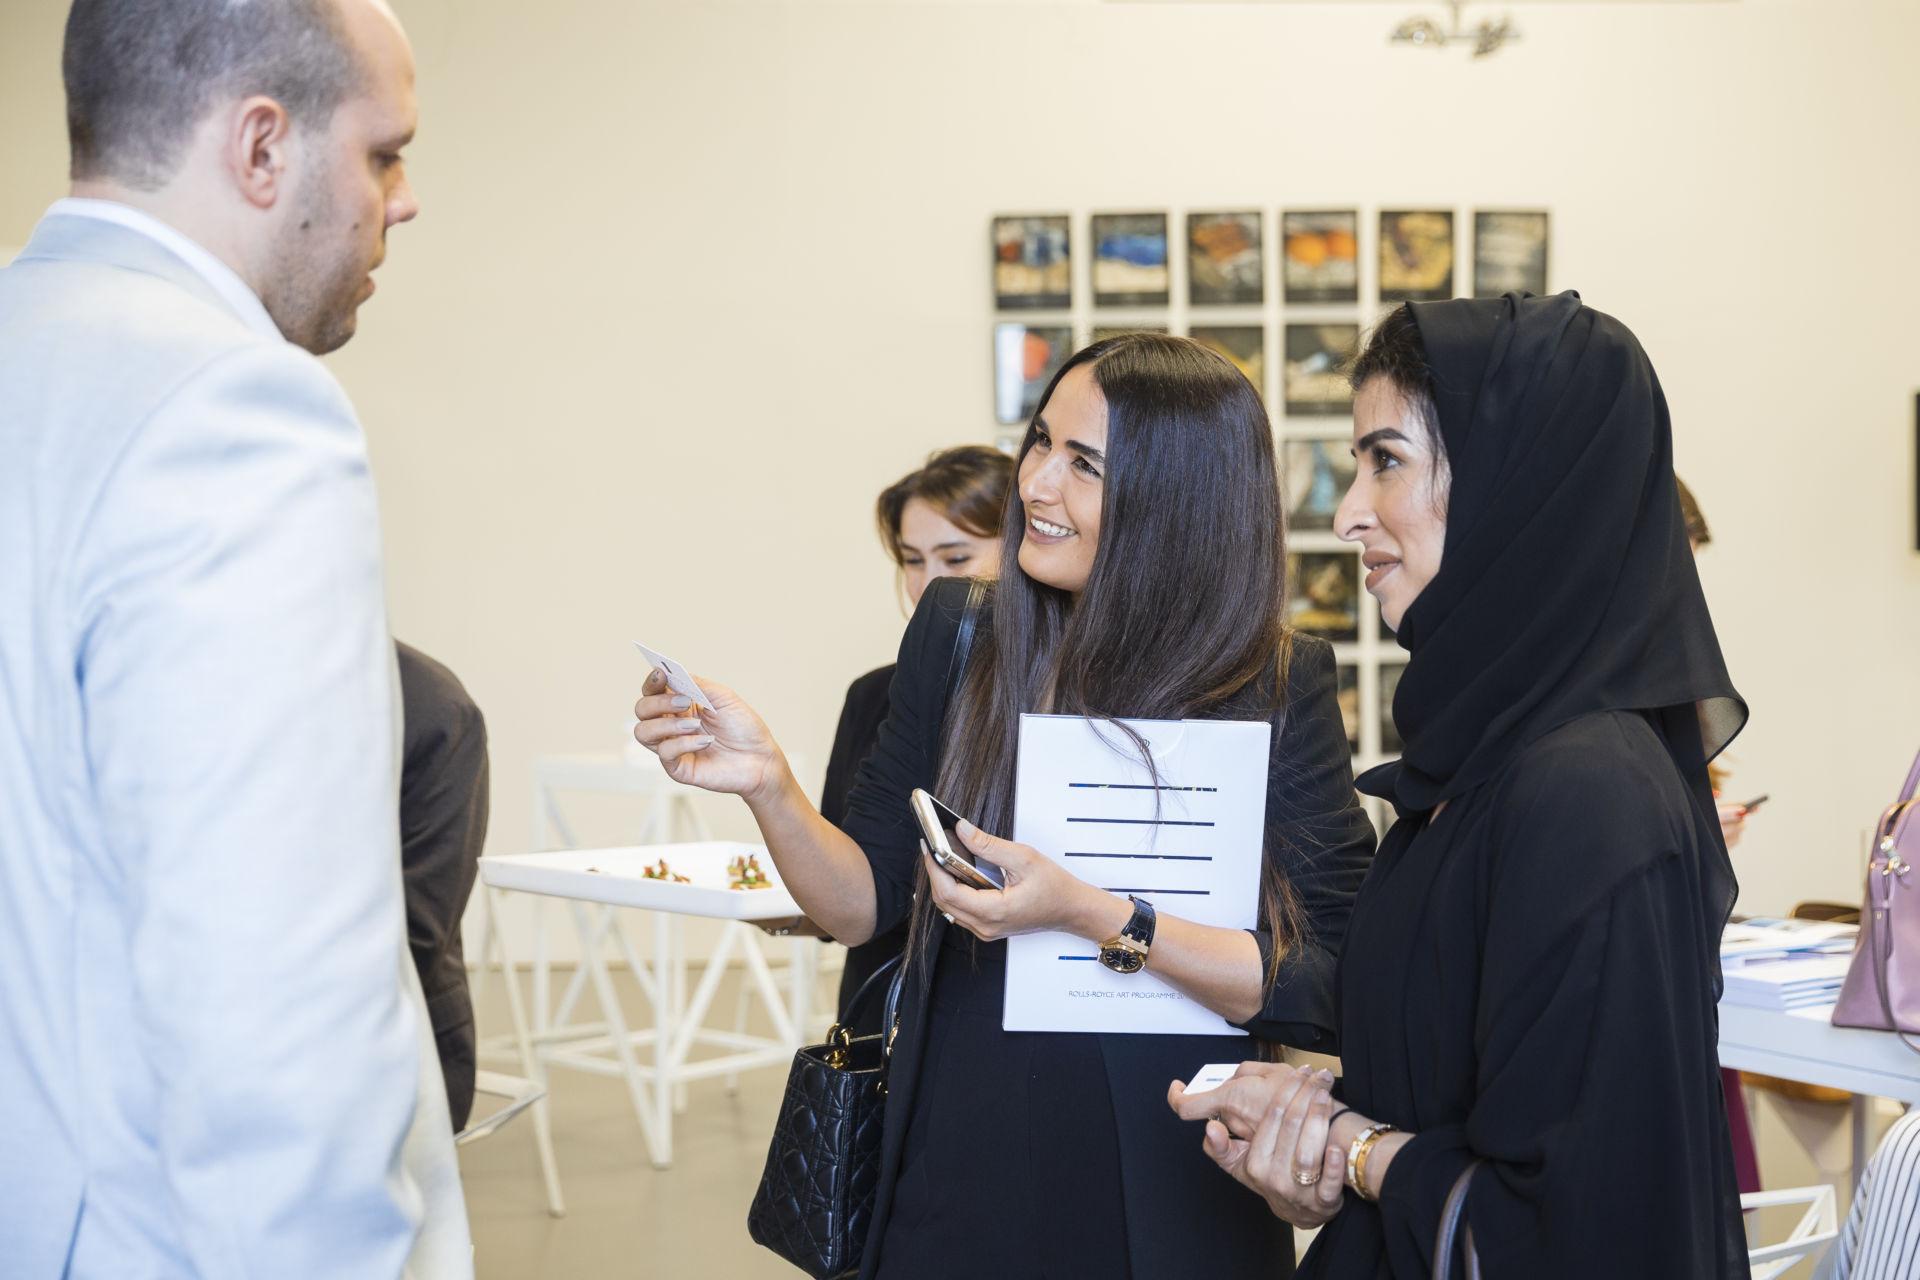 Event photographer Dubai